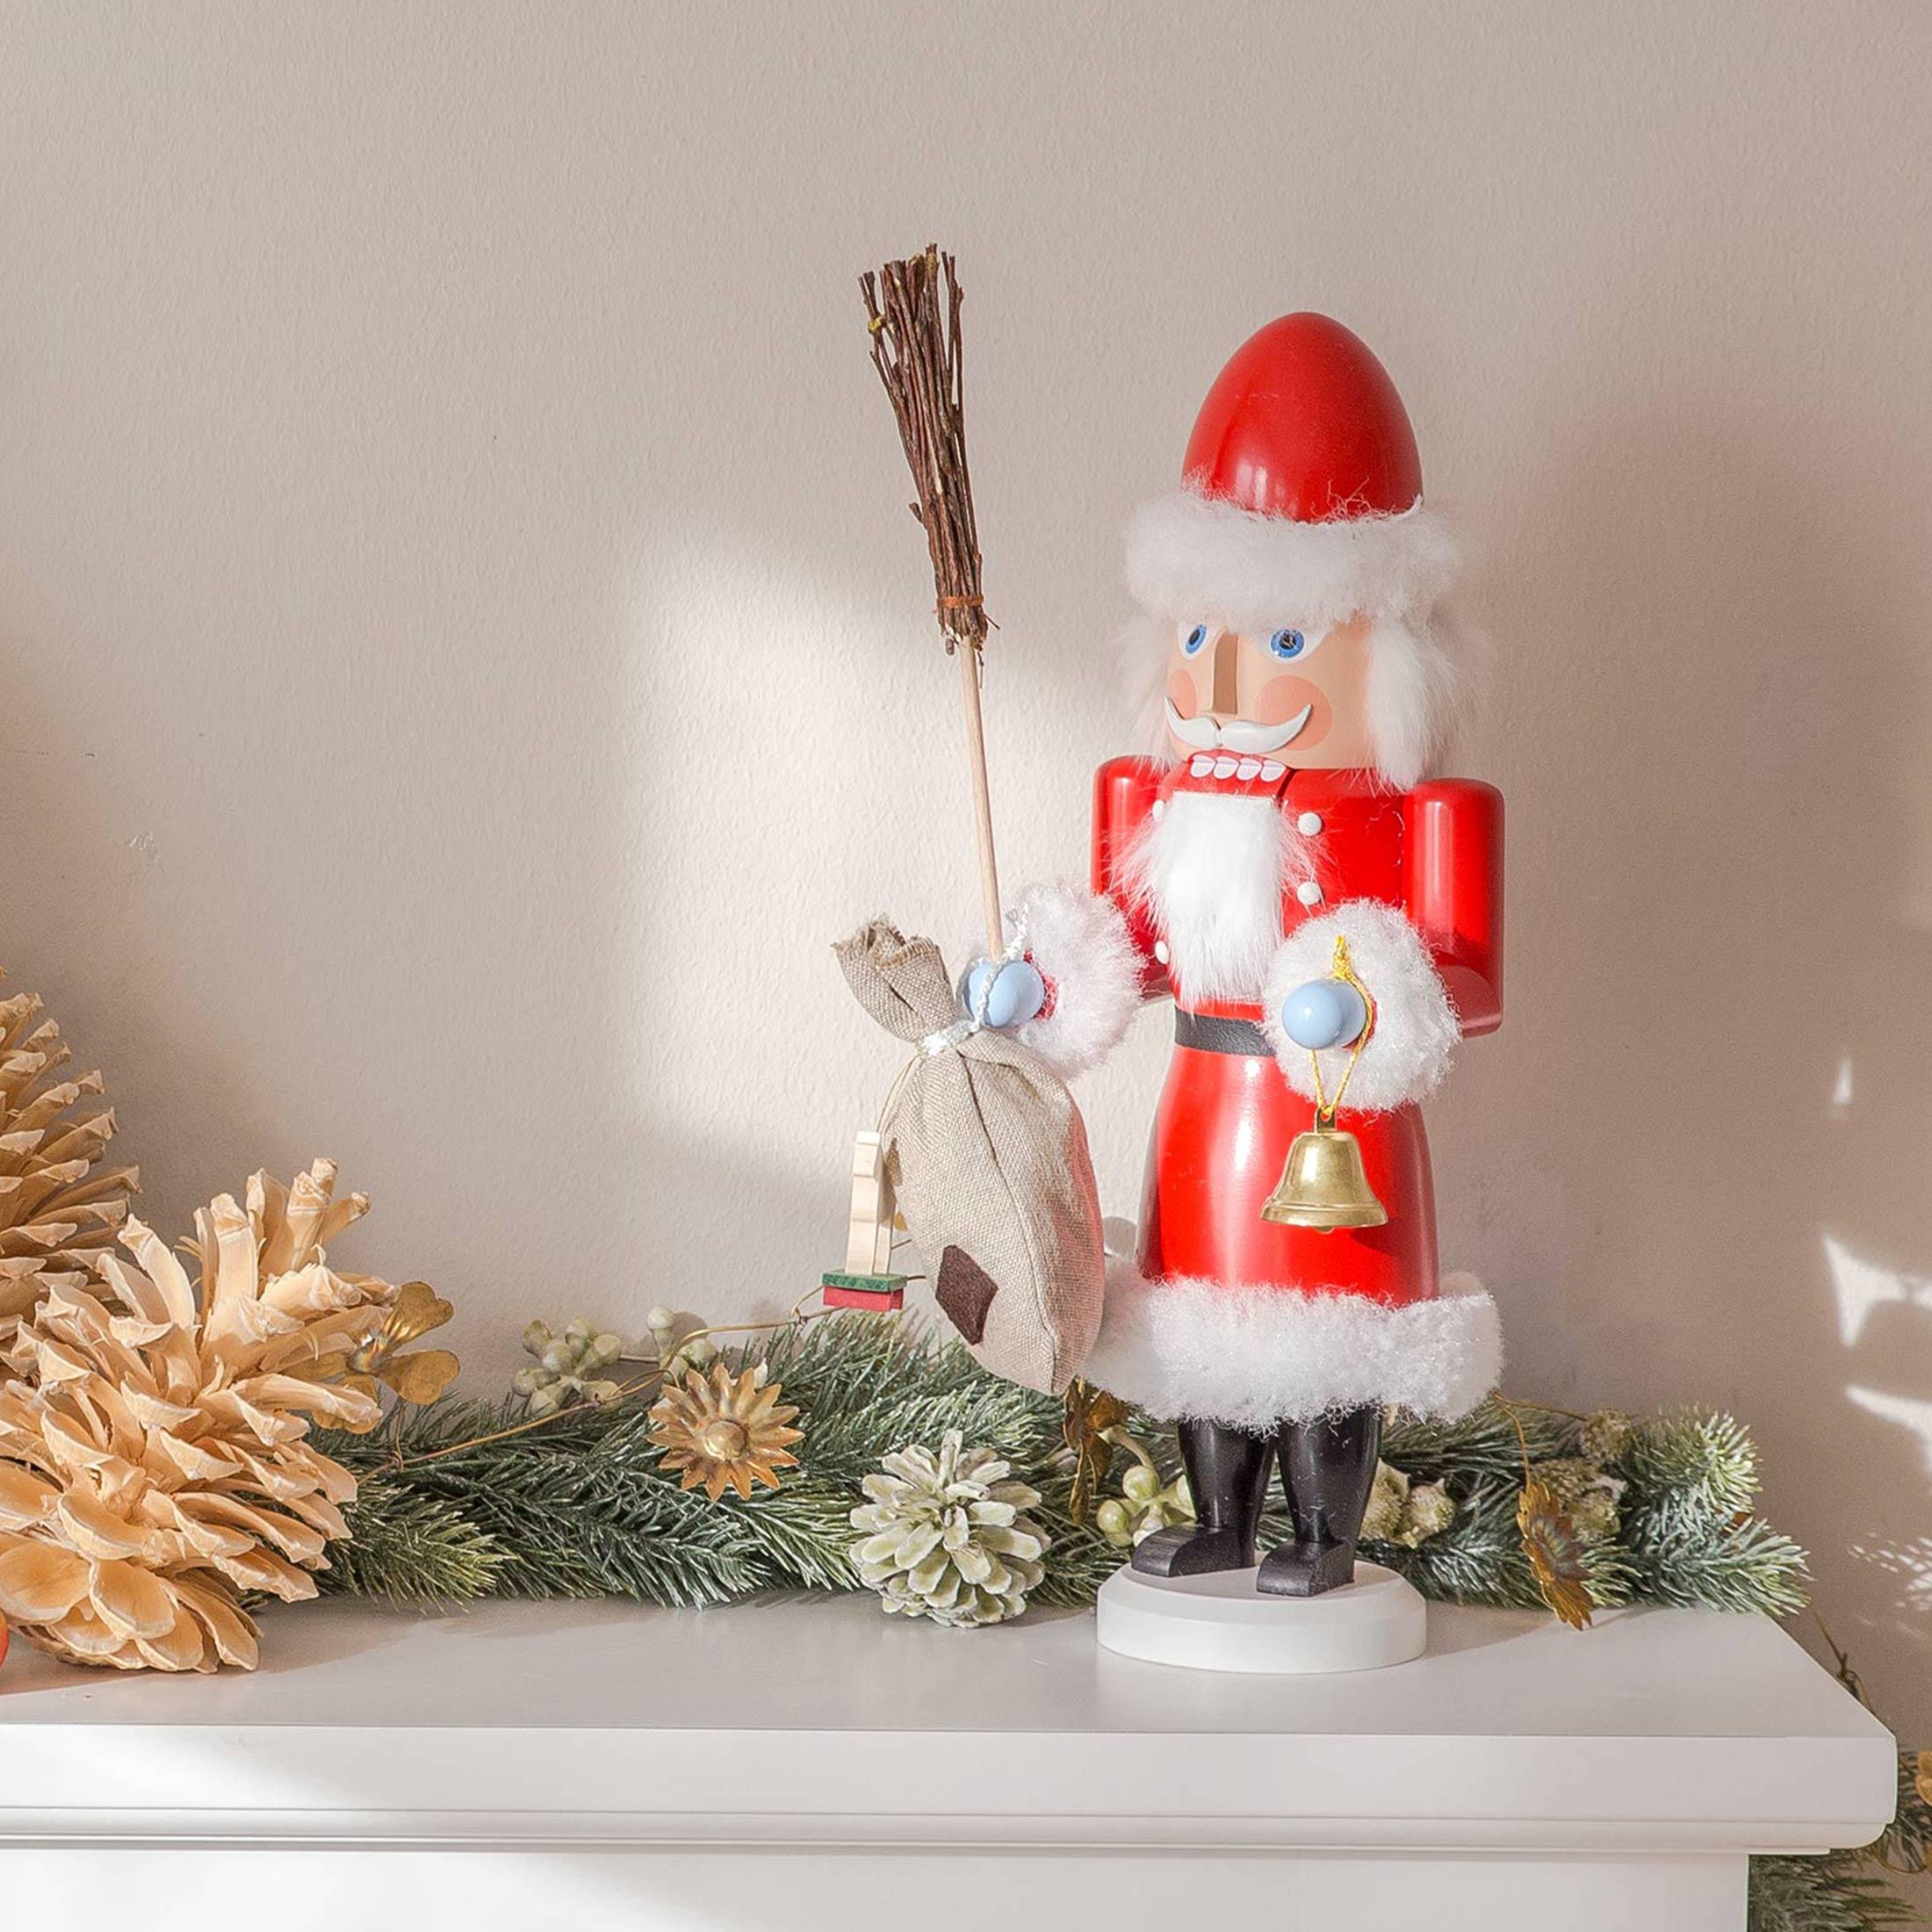 Der Weihnachtsmann Nussknacker Mr. Santa ist eine schöne Holzfigur zum Knacken von Nüssen | Erzgebirge Figuren Weihnachten online kaufen